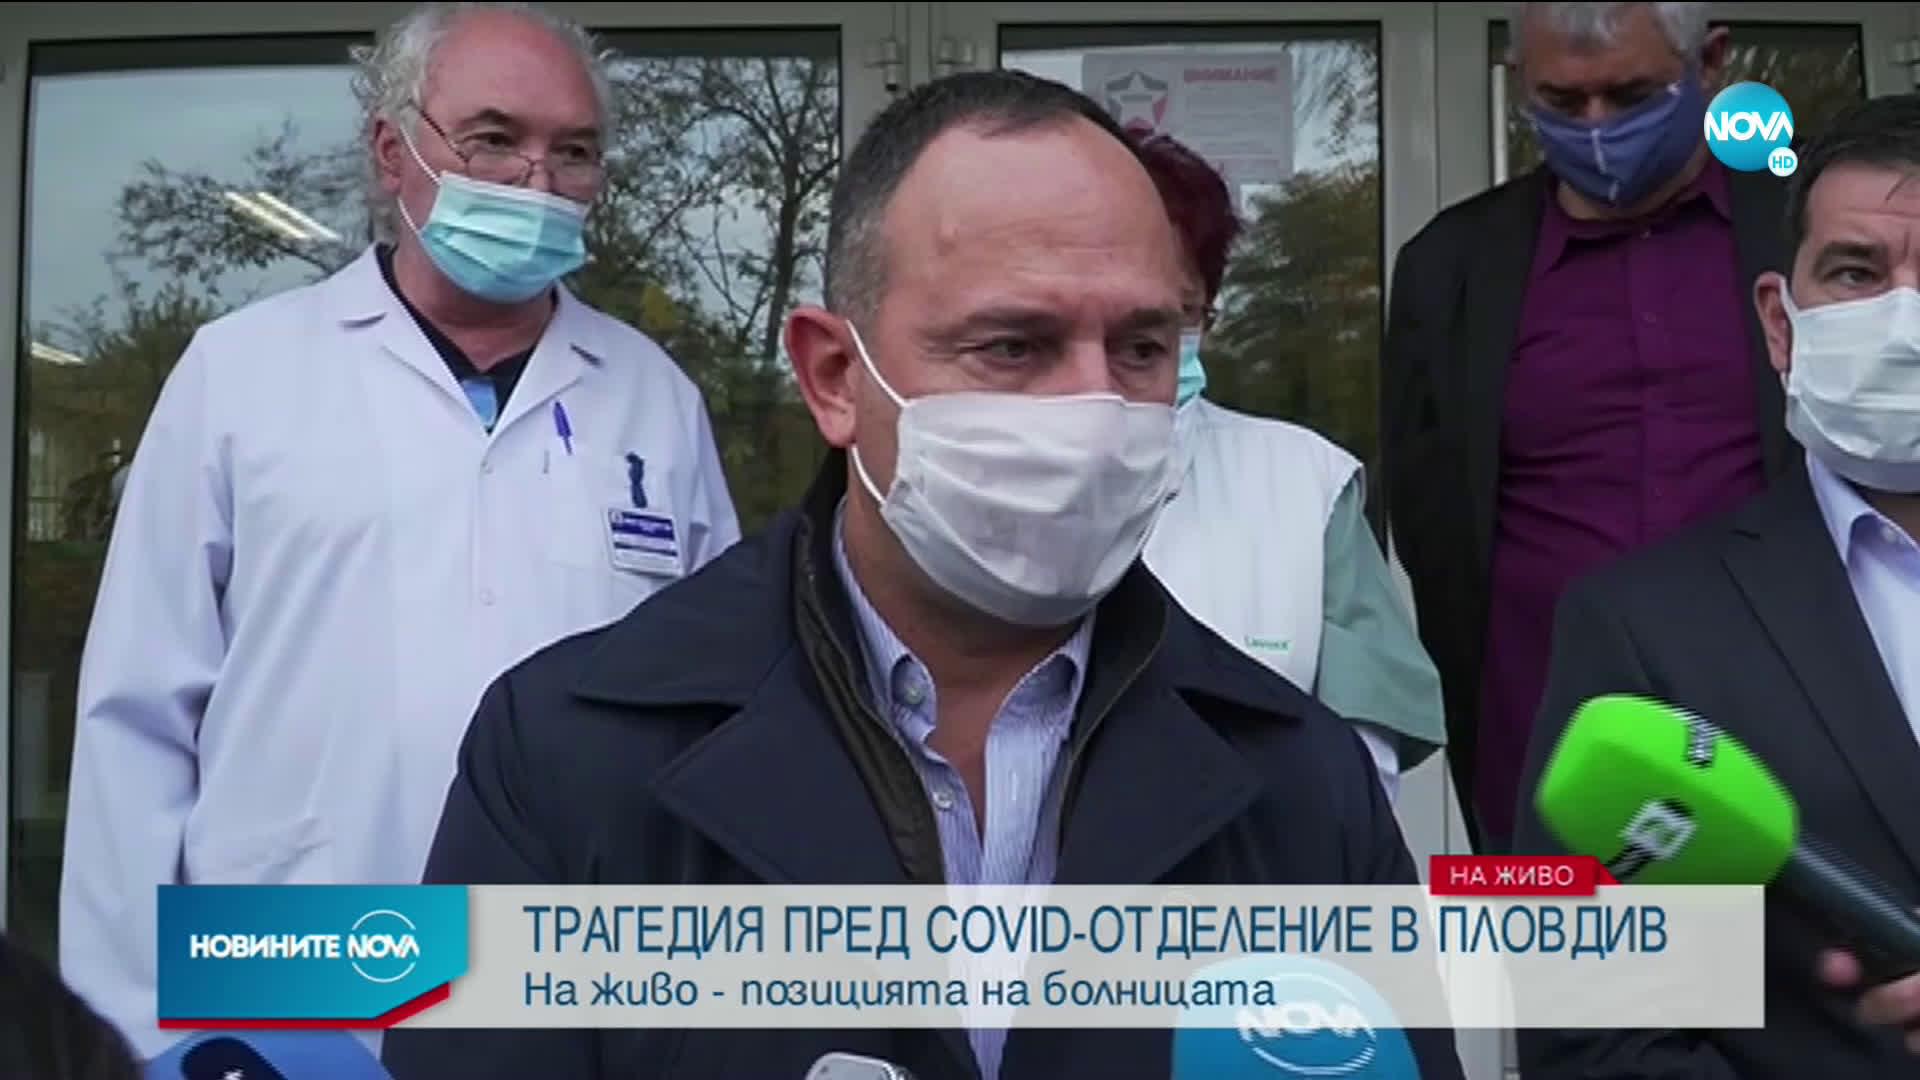 Директорът на Токсикологията за трагедията в Пловдив: Нещастно съвпадение на факти